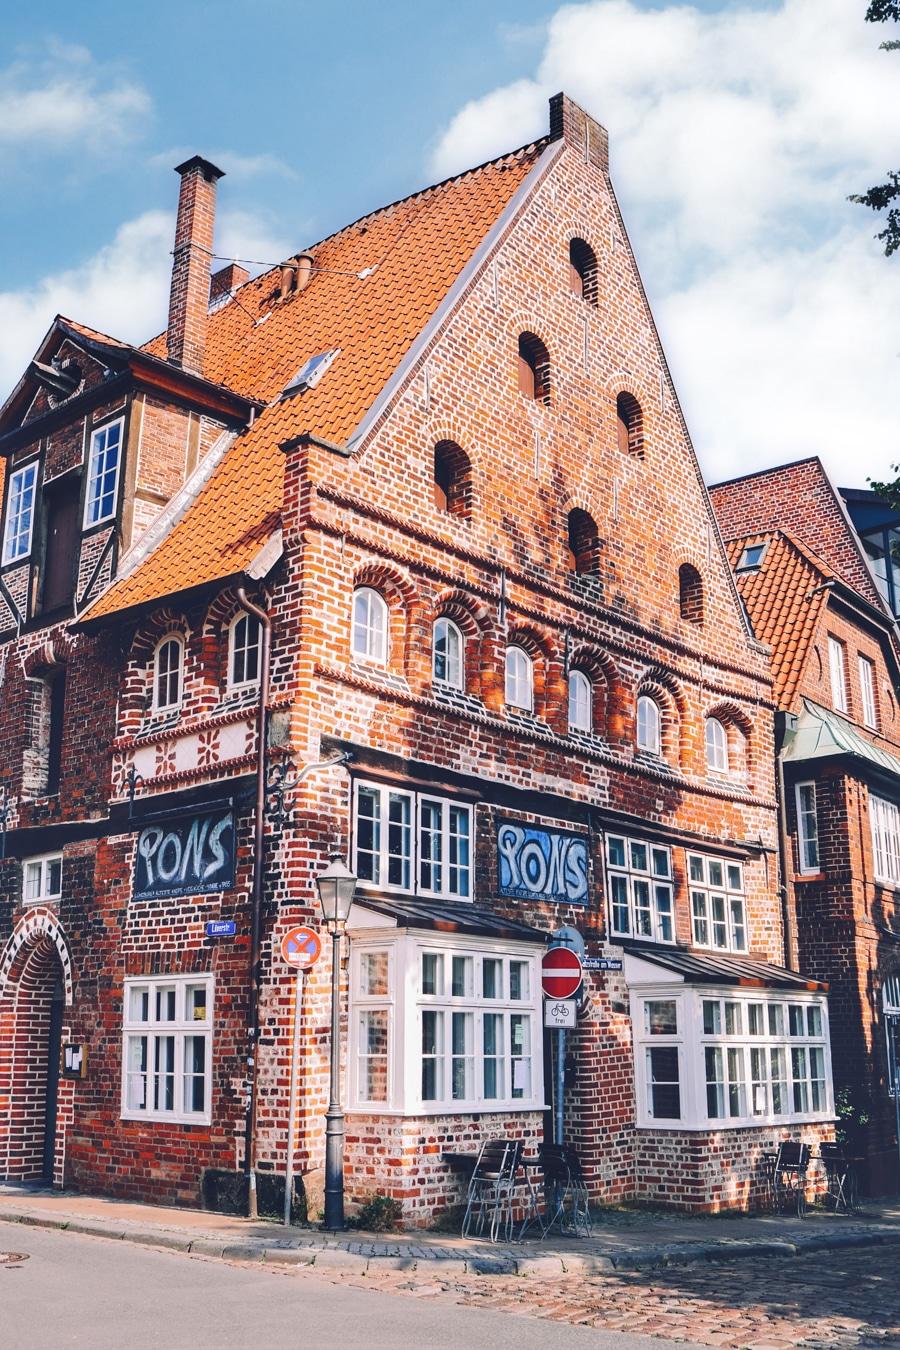 Urlaub in die Lüneburger Heide: Sehenswürdigkeiten in und um Lüneburg